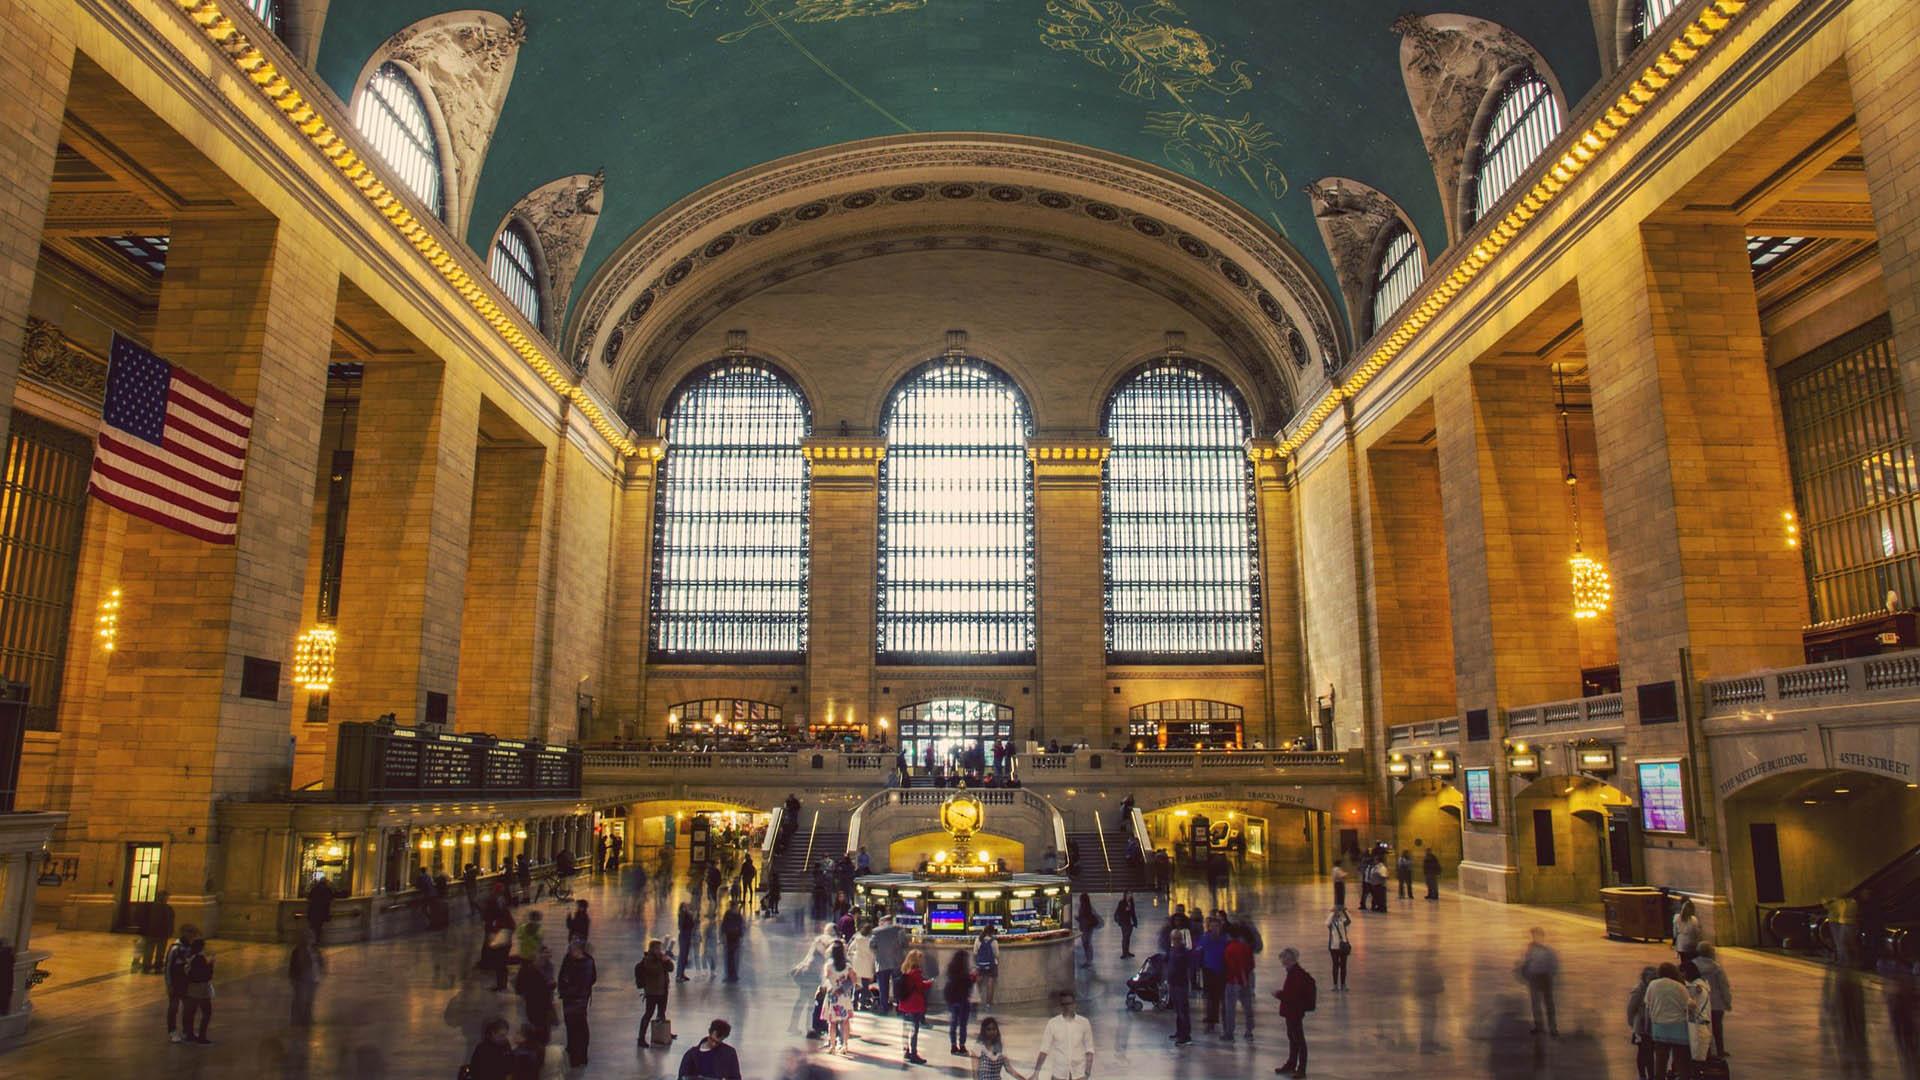 Visto de turista americano é para pessoas que desejam realmente usufruir dos atrativos dos Estados Unidos como turista.